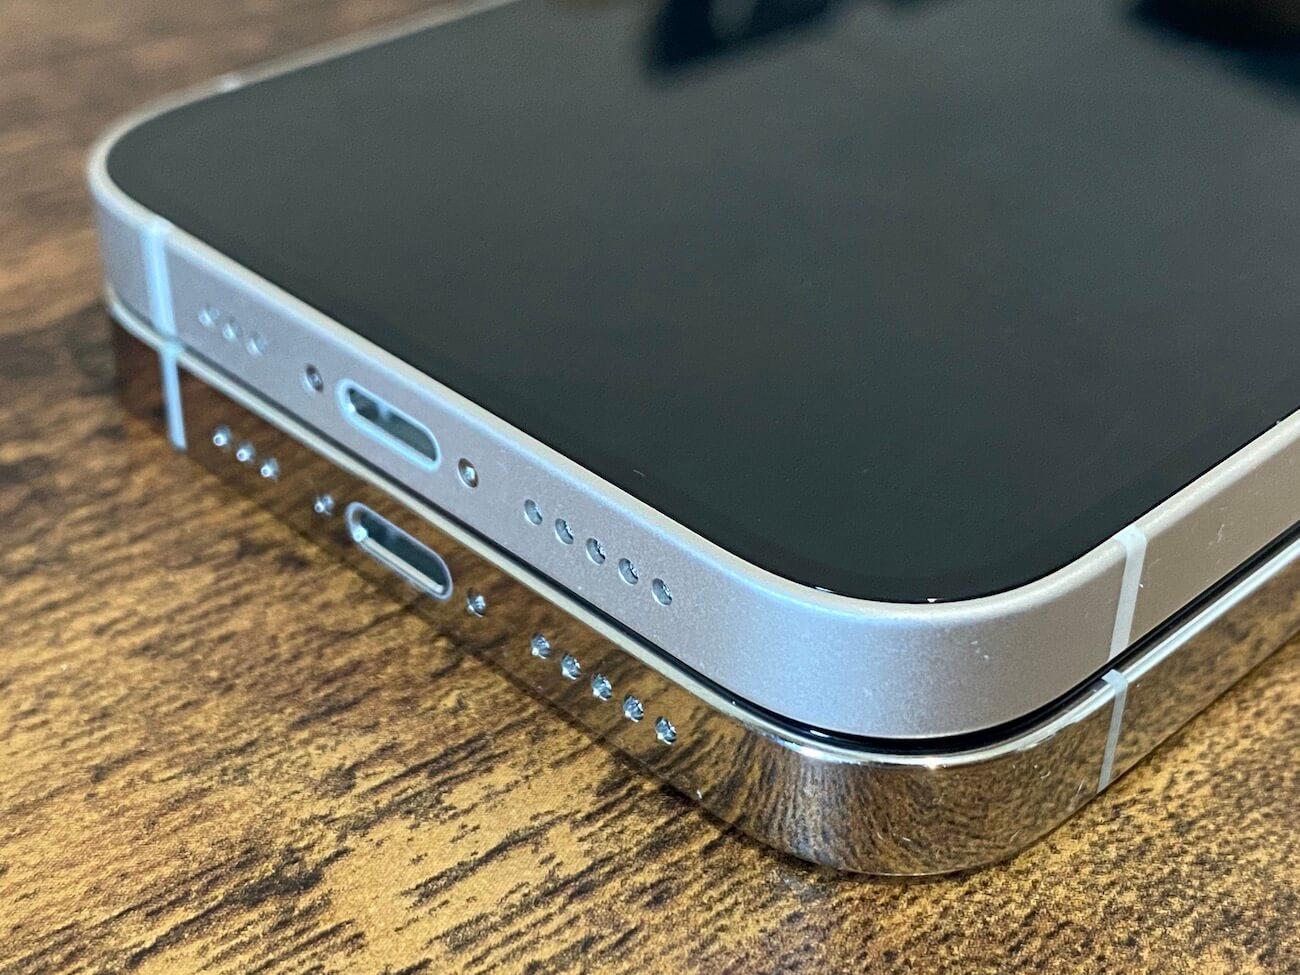 iPhone 12 12pro デザイン レビュー